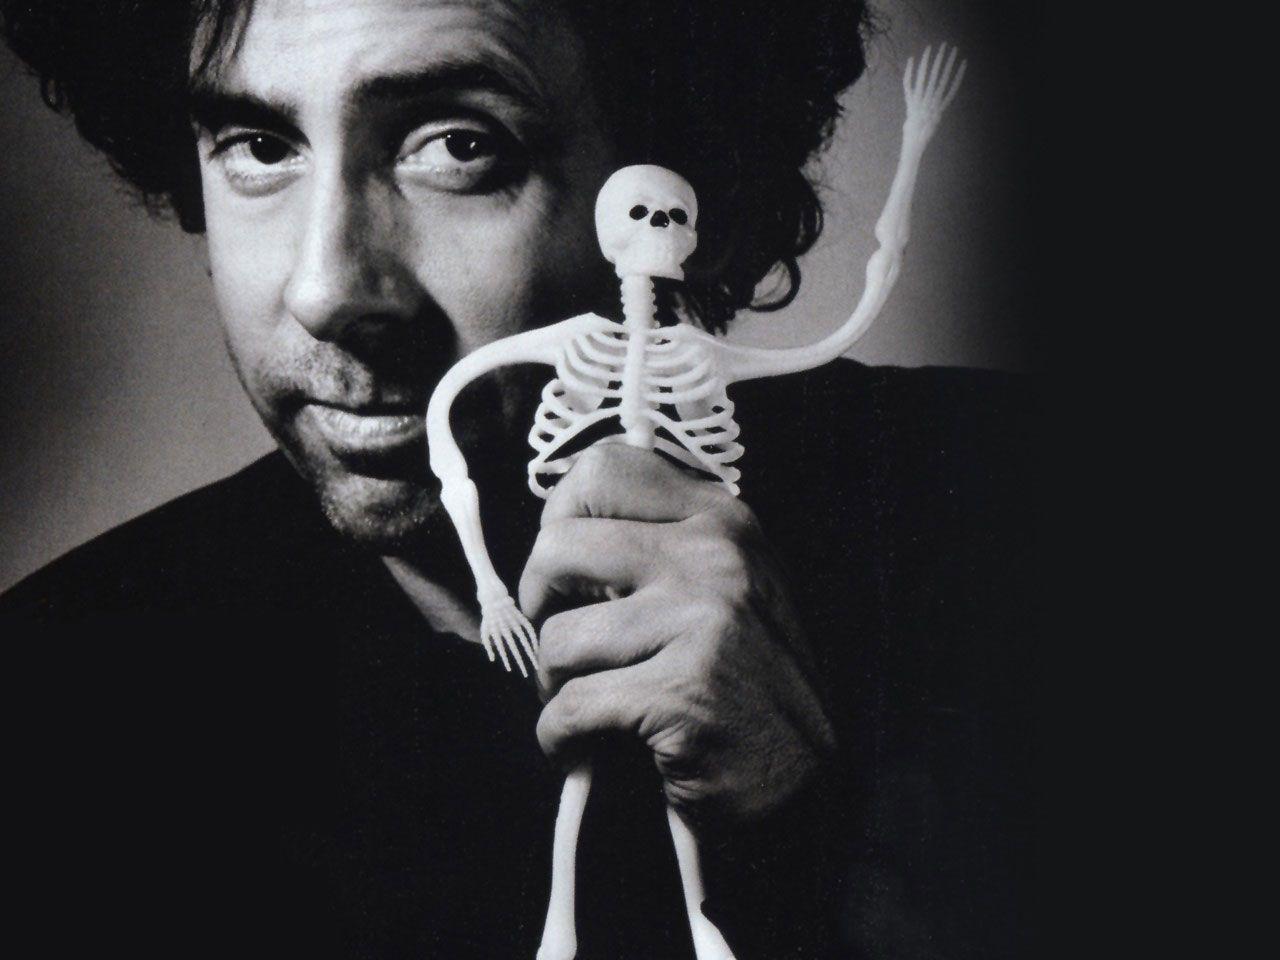 Tim Burton. (Burbank, California; 25 de agosto de 1958) es un director, productor, escritor y diseñador estadounidense. La mayoría de sus películas se han caracterizado por la presencia de mundos imaginarios donde suelen estar presentes elementos góticos y oscuros, cuyos protagonistas suelen ser seres inadaptados y enigmáticos.